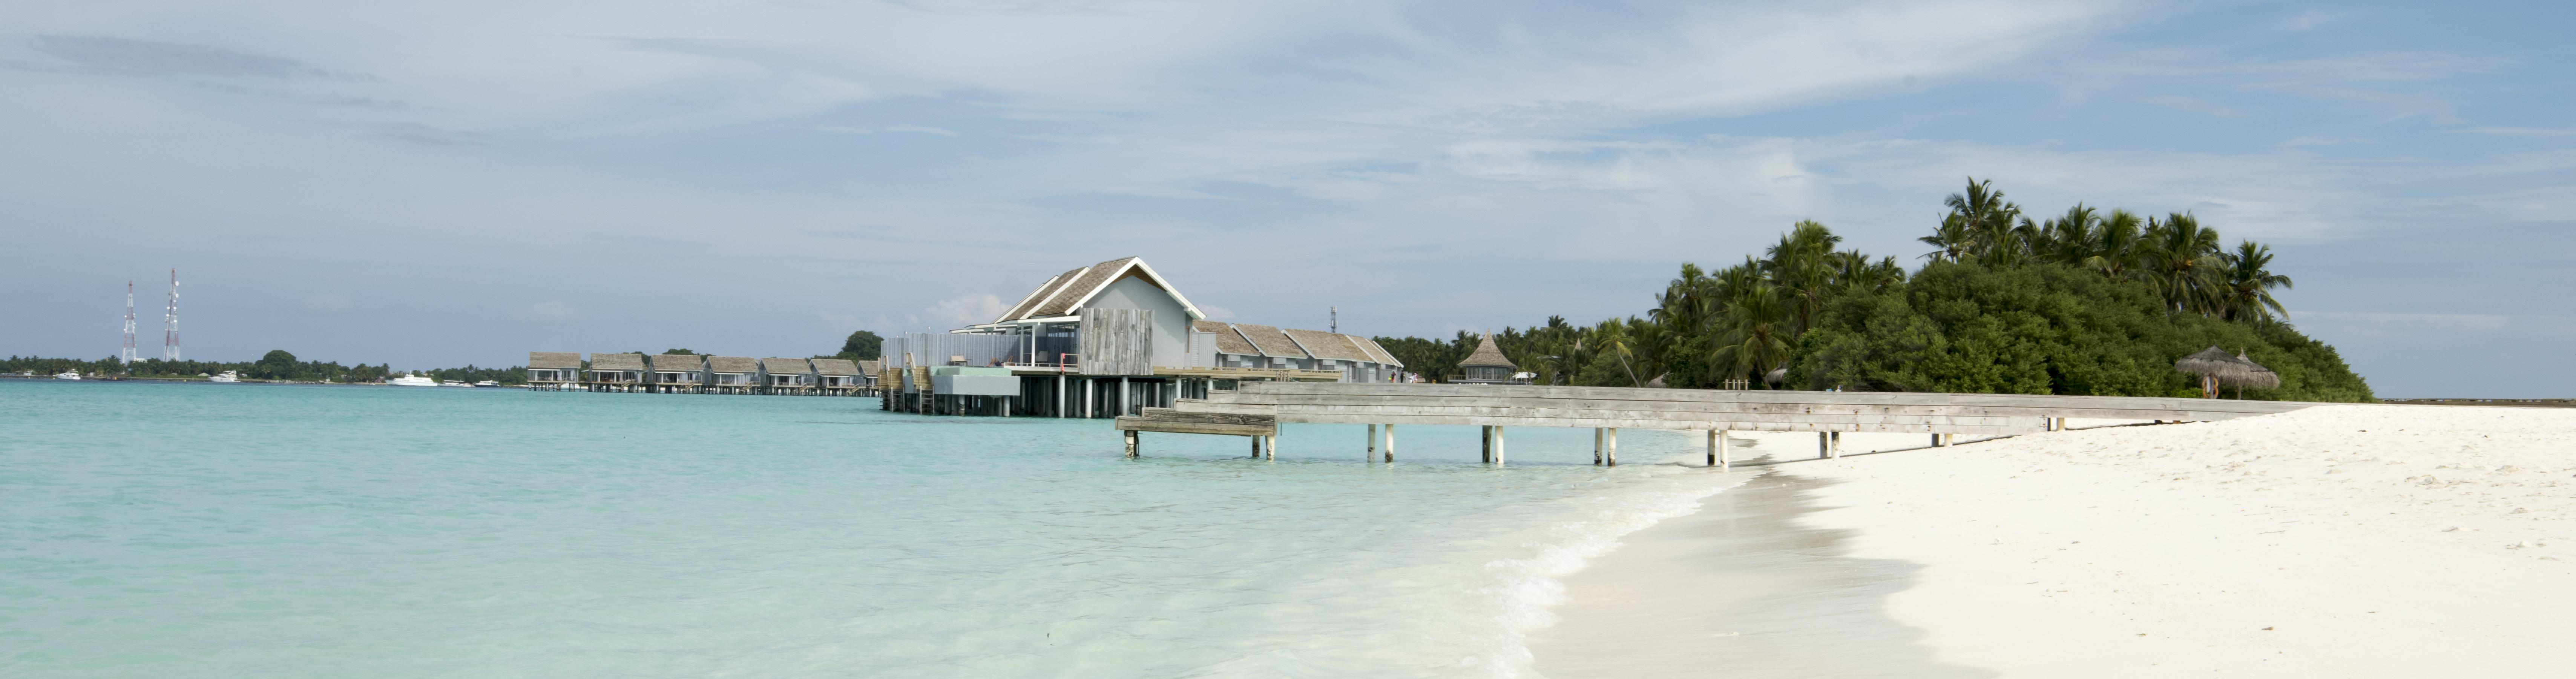 water-huts